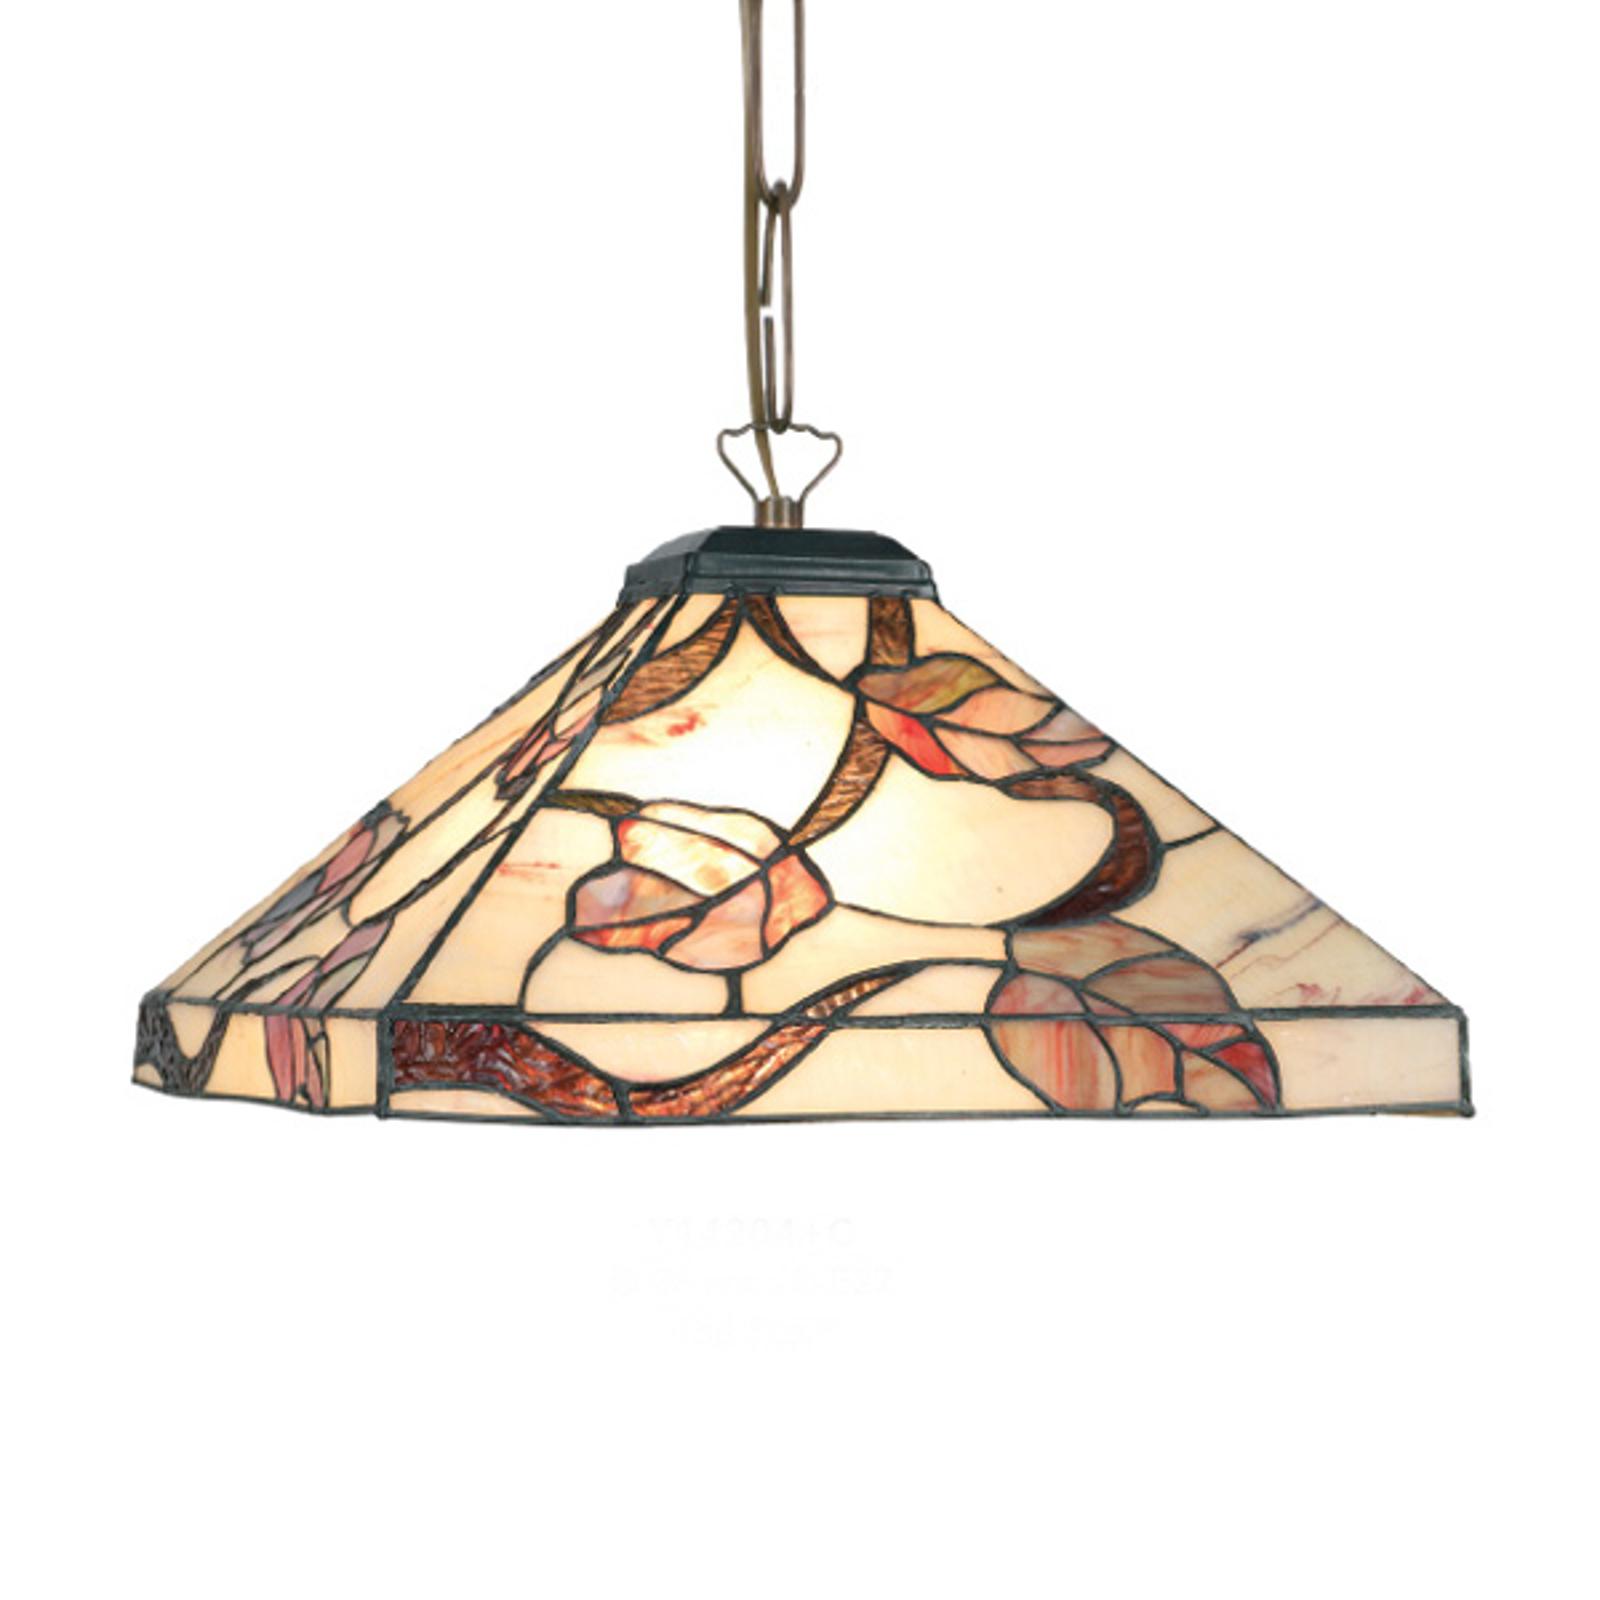 Appolonia závesná lampa v štýle Tiffany_1032134_1